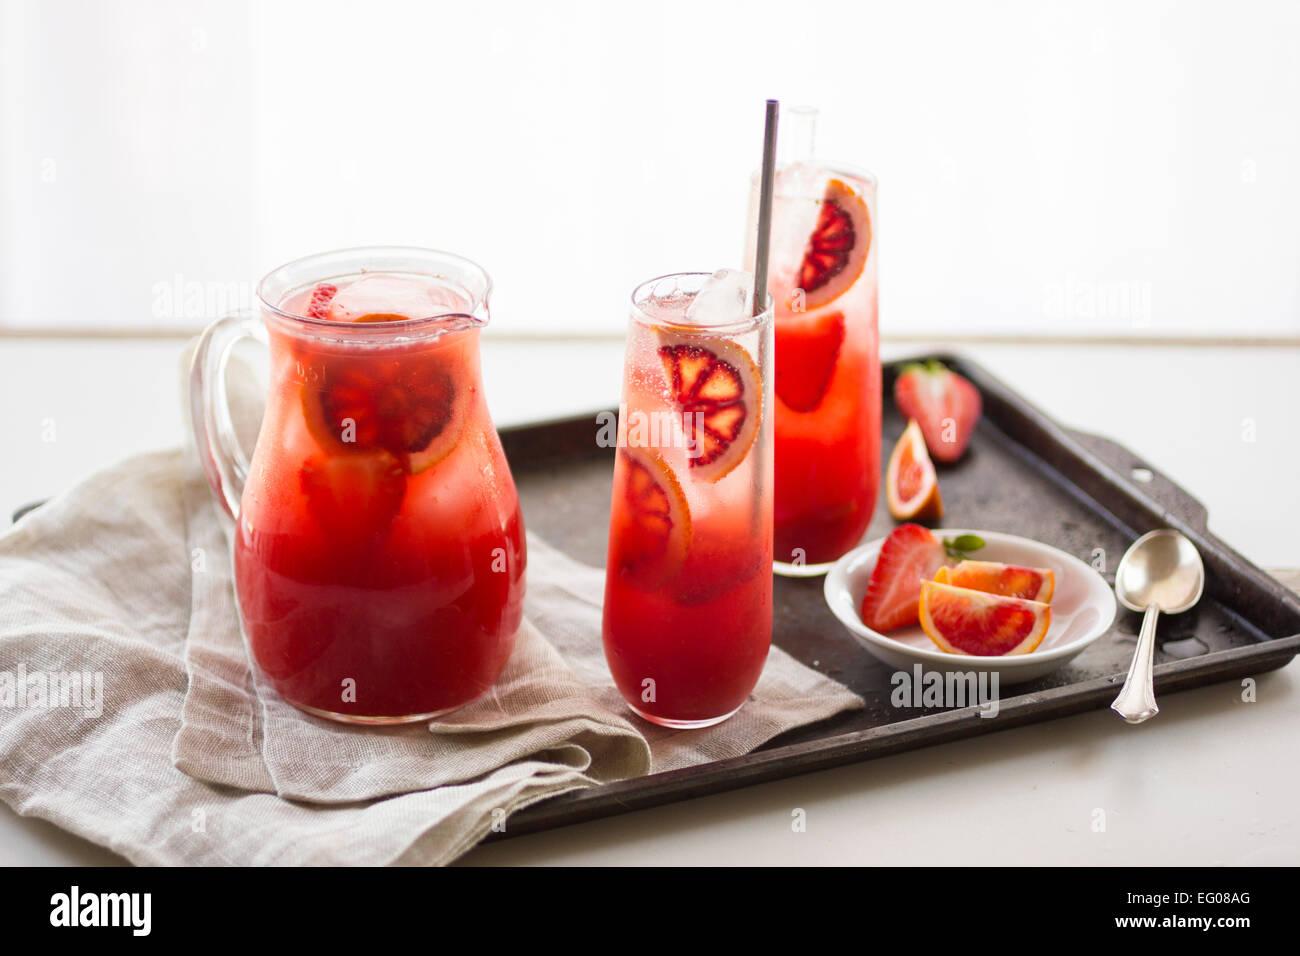 Arancio sanguigno fragola drink punzone Immagini Stock